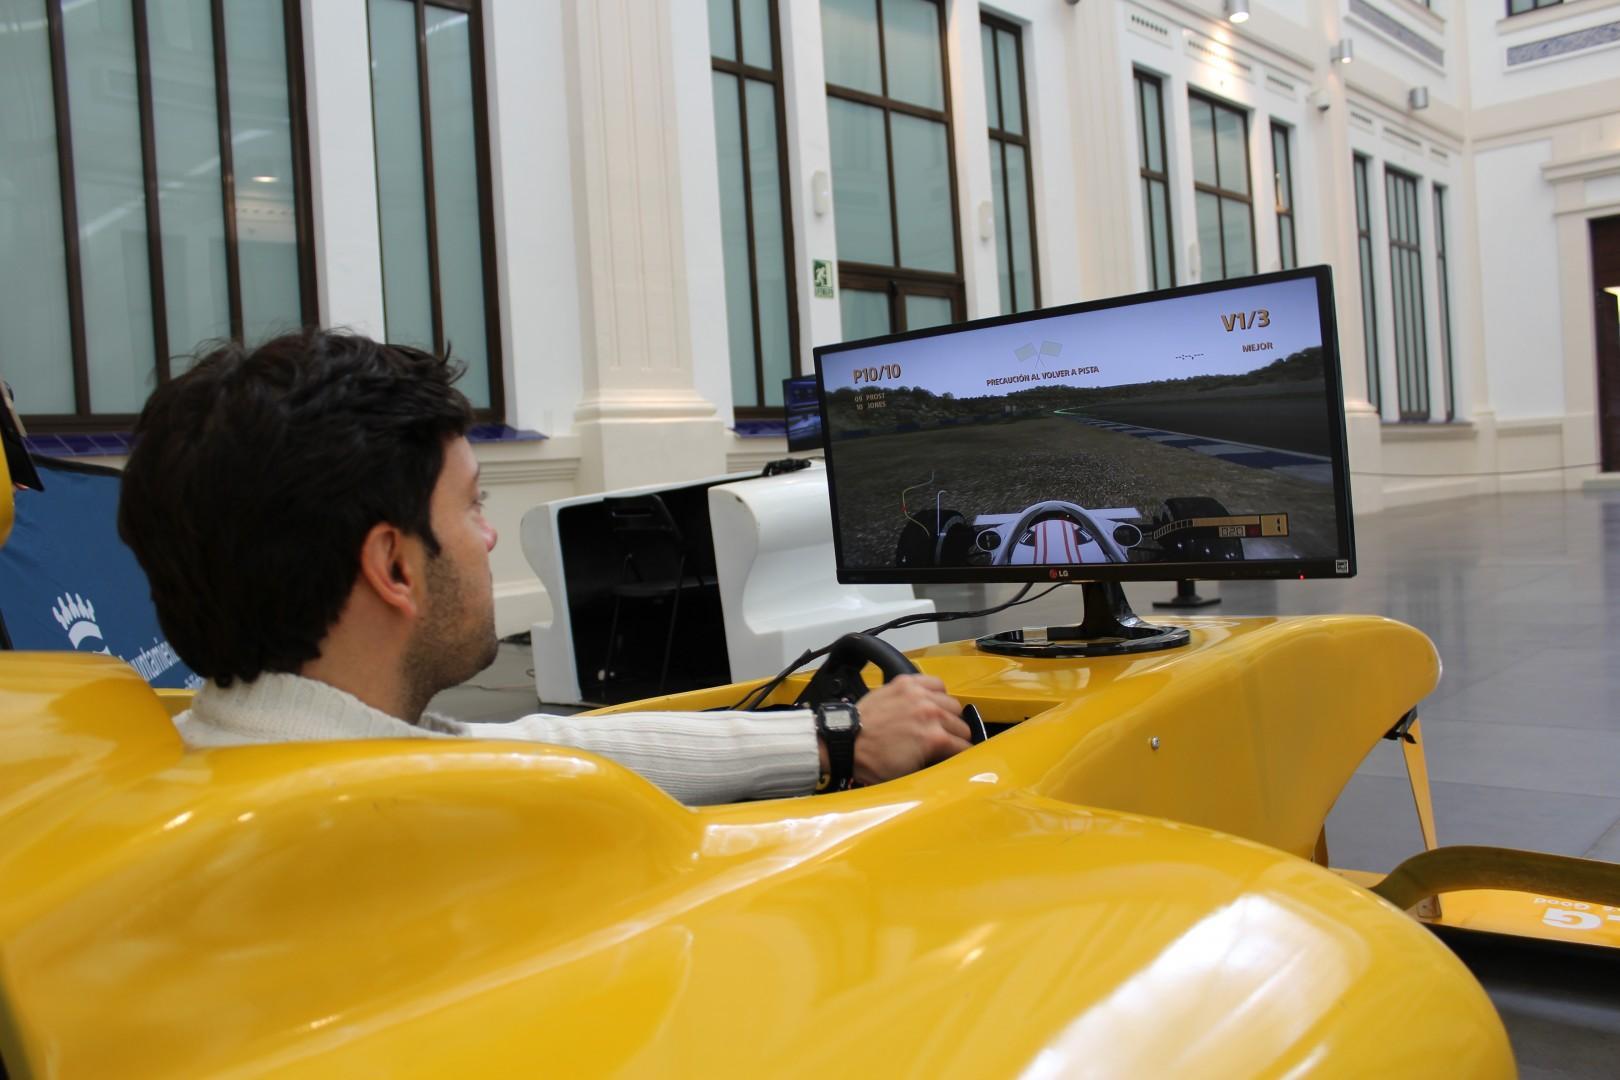 El MAM participa en la Semana de la Discapacidad con un Simulador de Fórmula 1